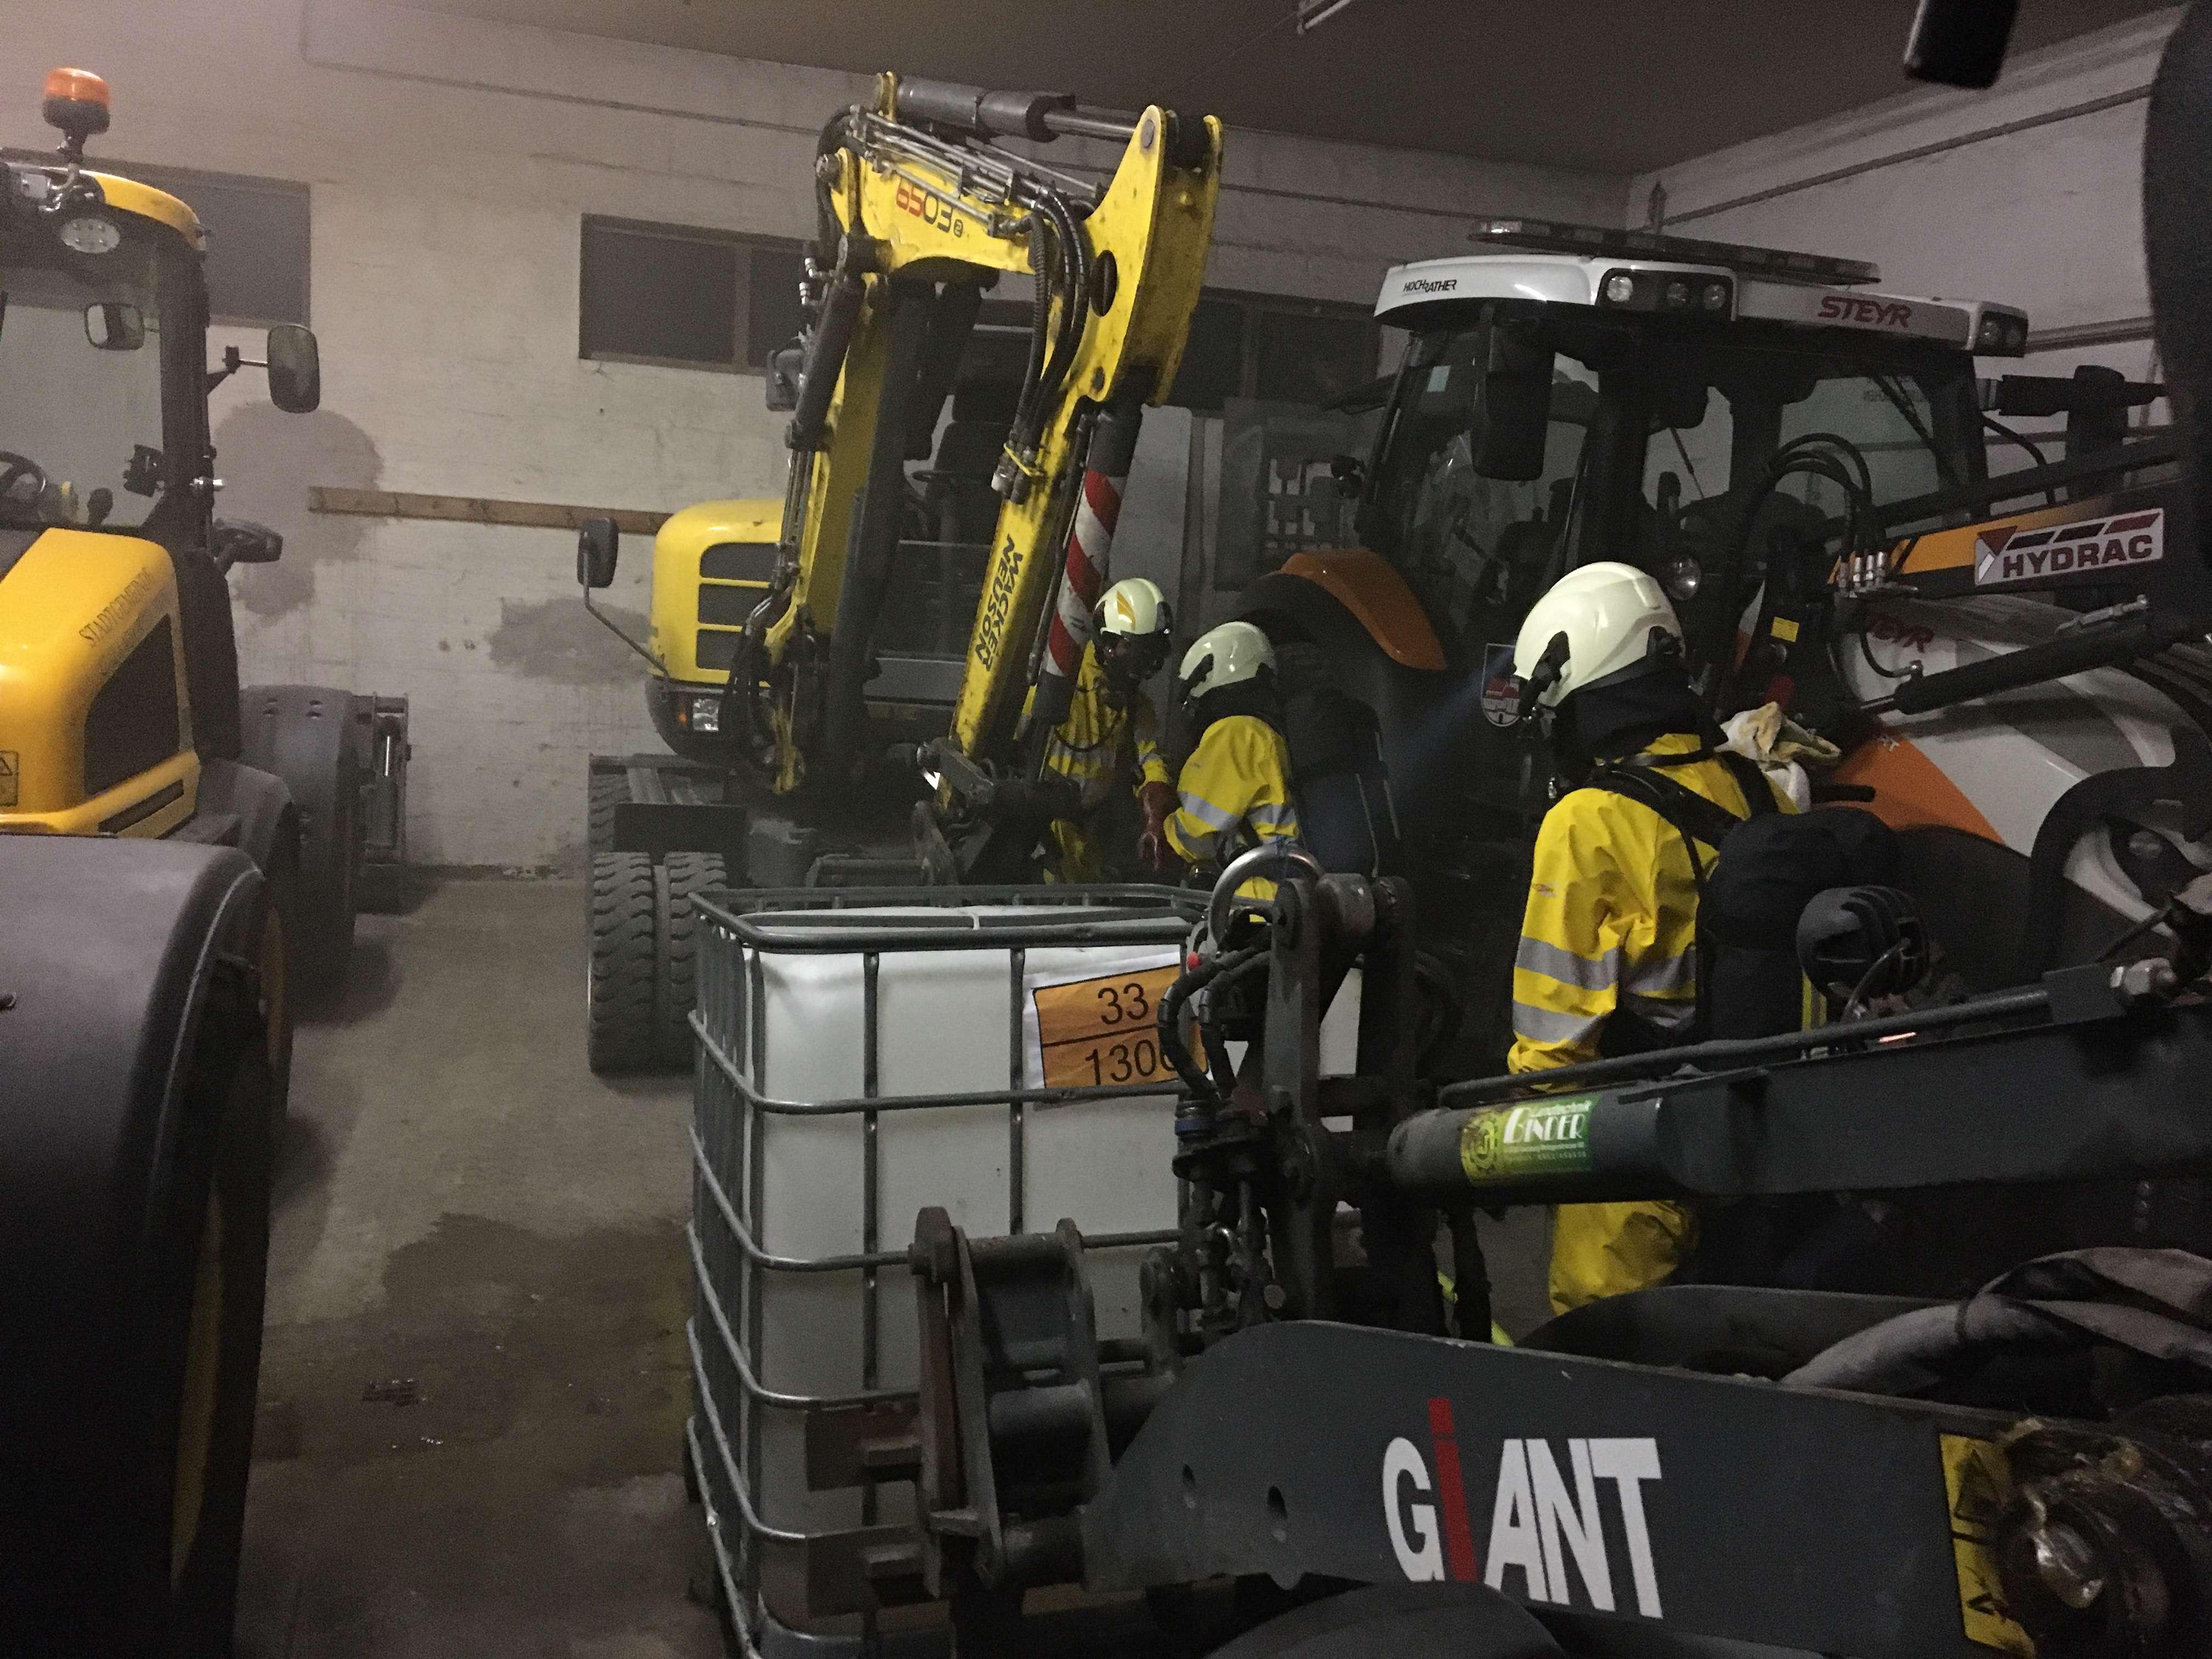 Übung - Werkstättenbrand mit Gefahrgutaustritt